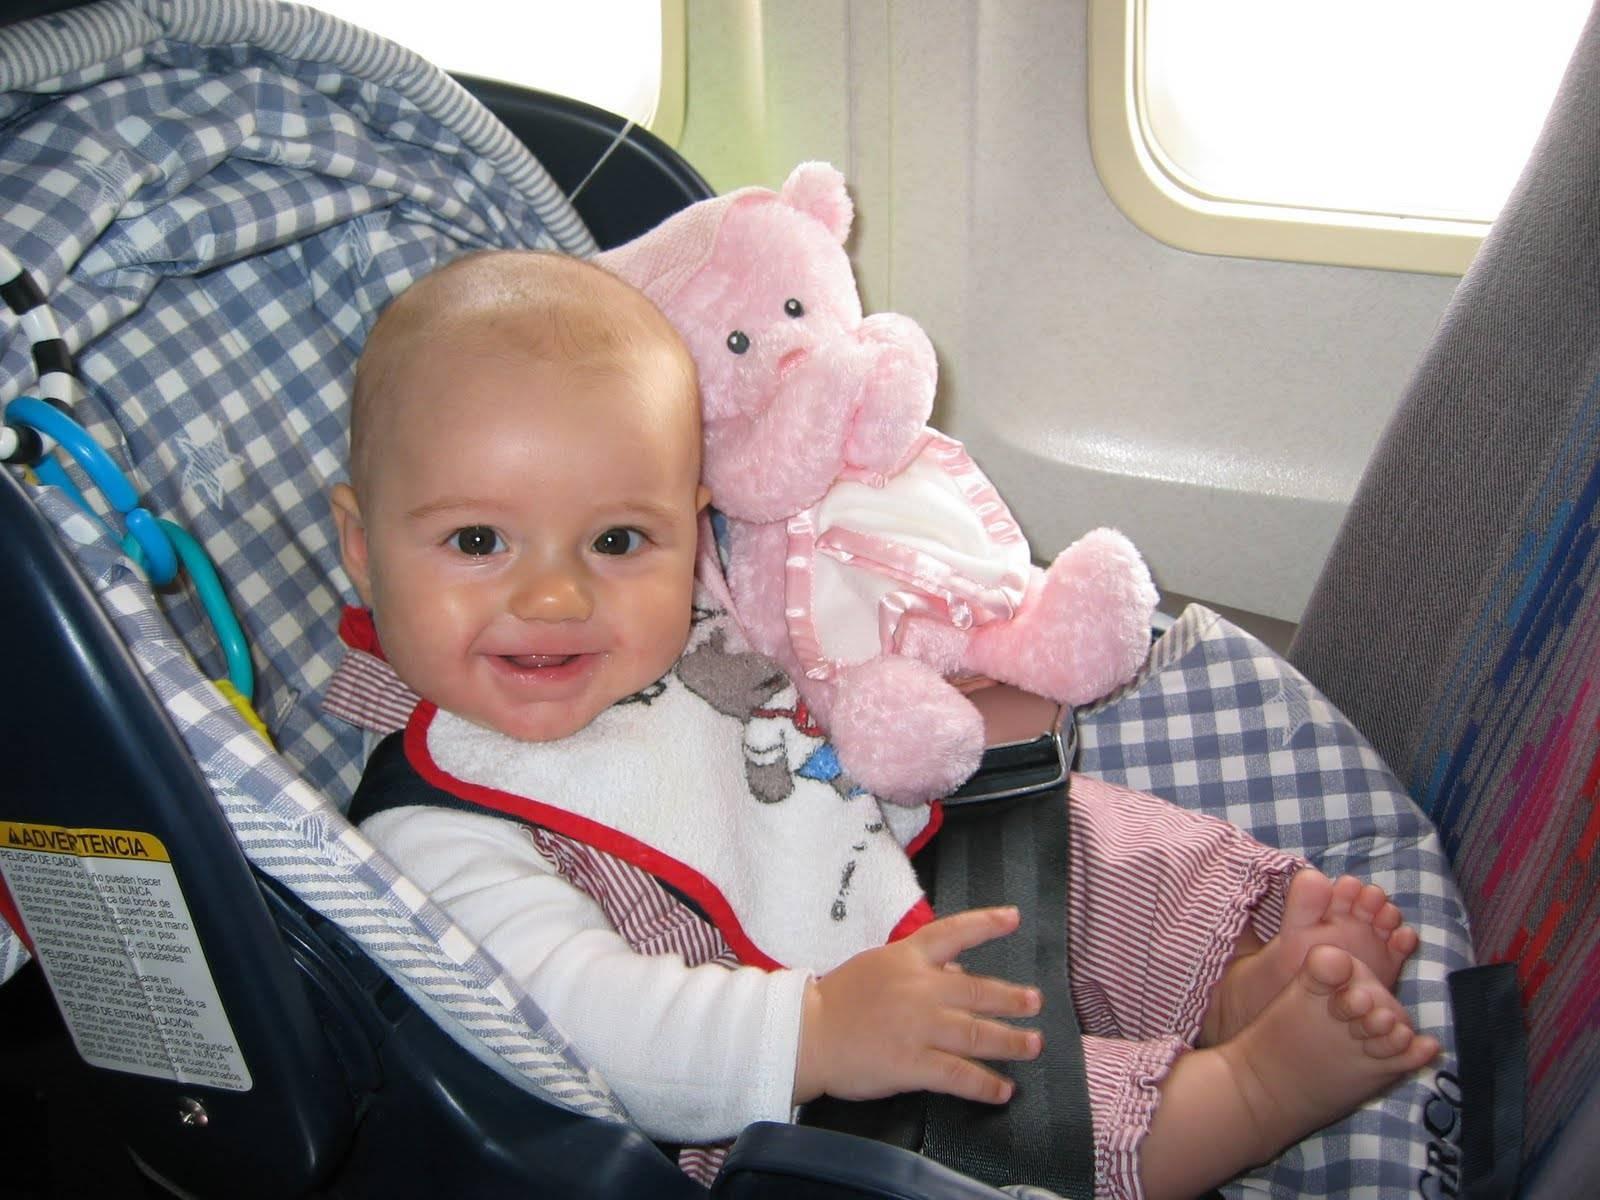 Перелет г грудным ребенком на самолете: правила и советы для родителей, можно ли летать с годовалым младенцем до 1 года